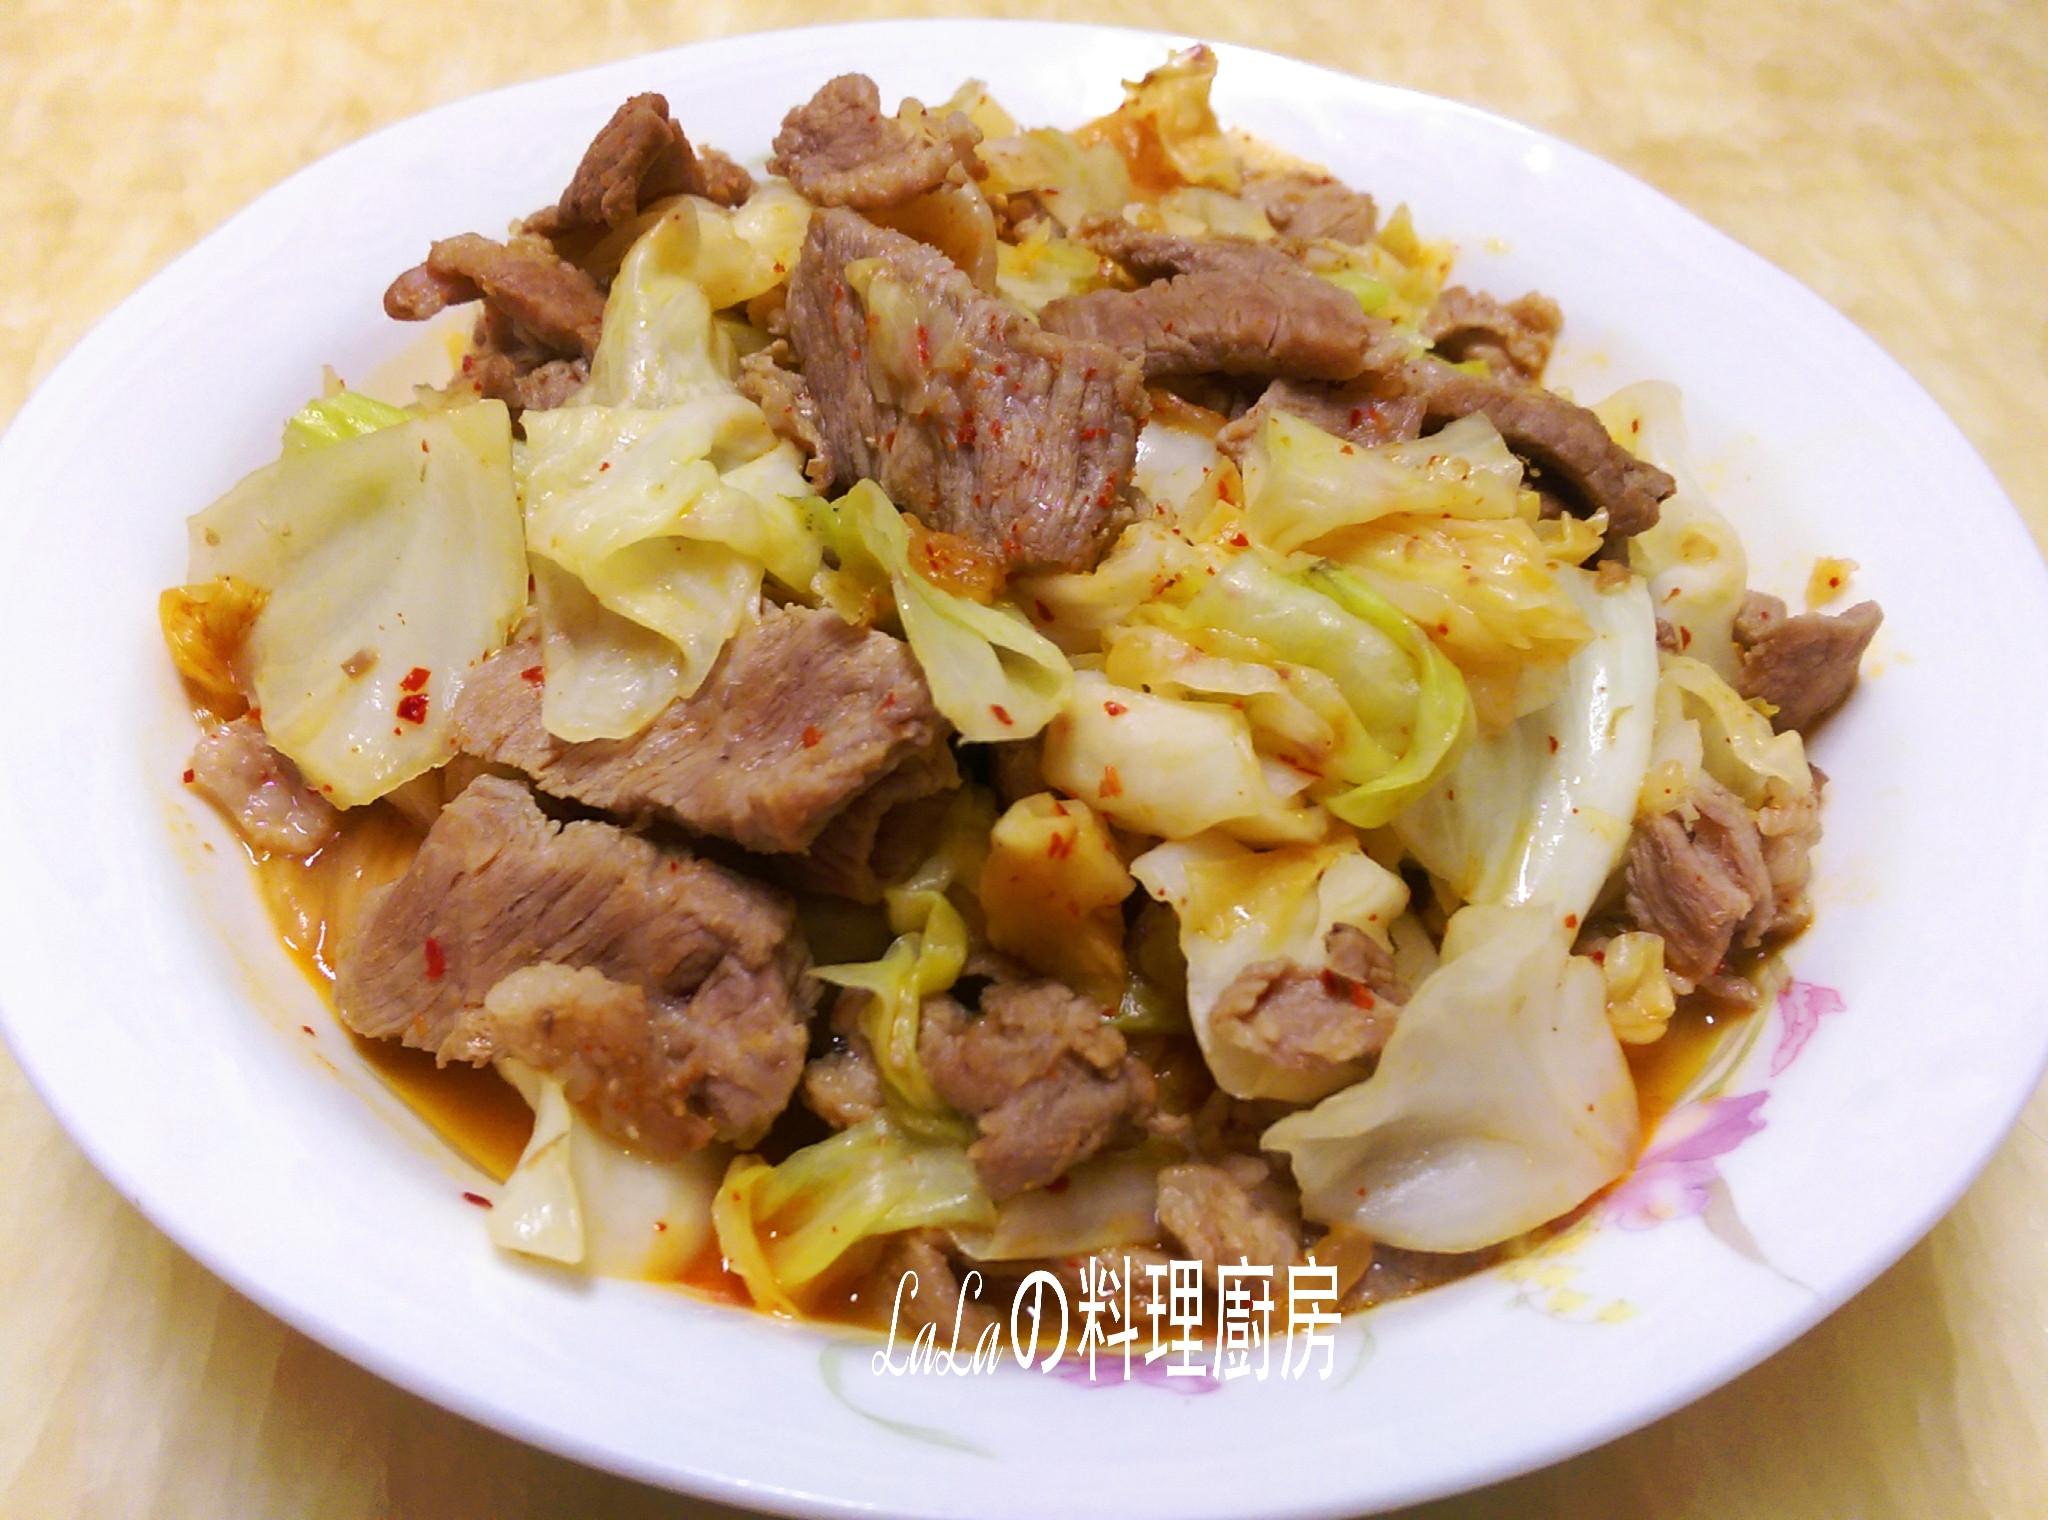 韓式泡菜炒肉